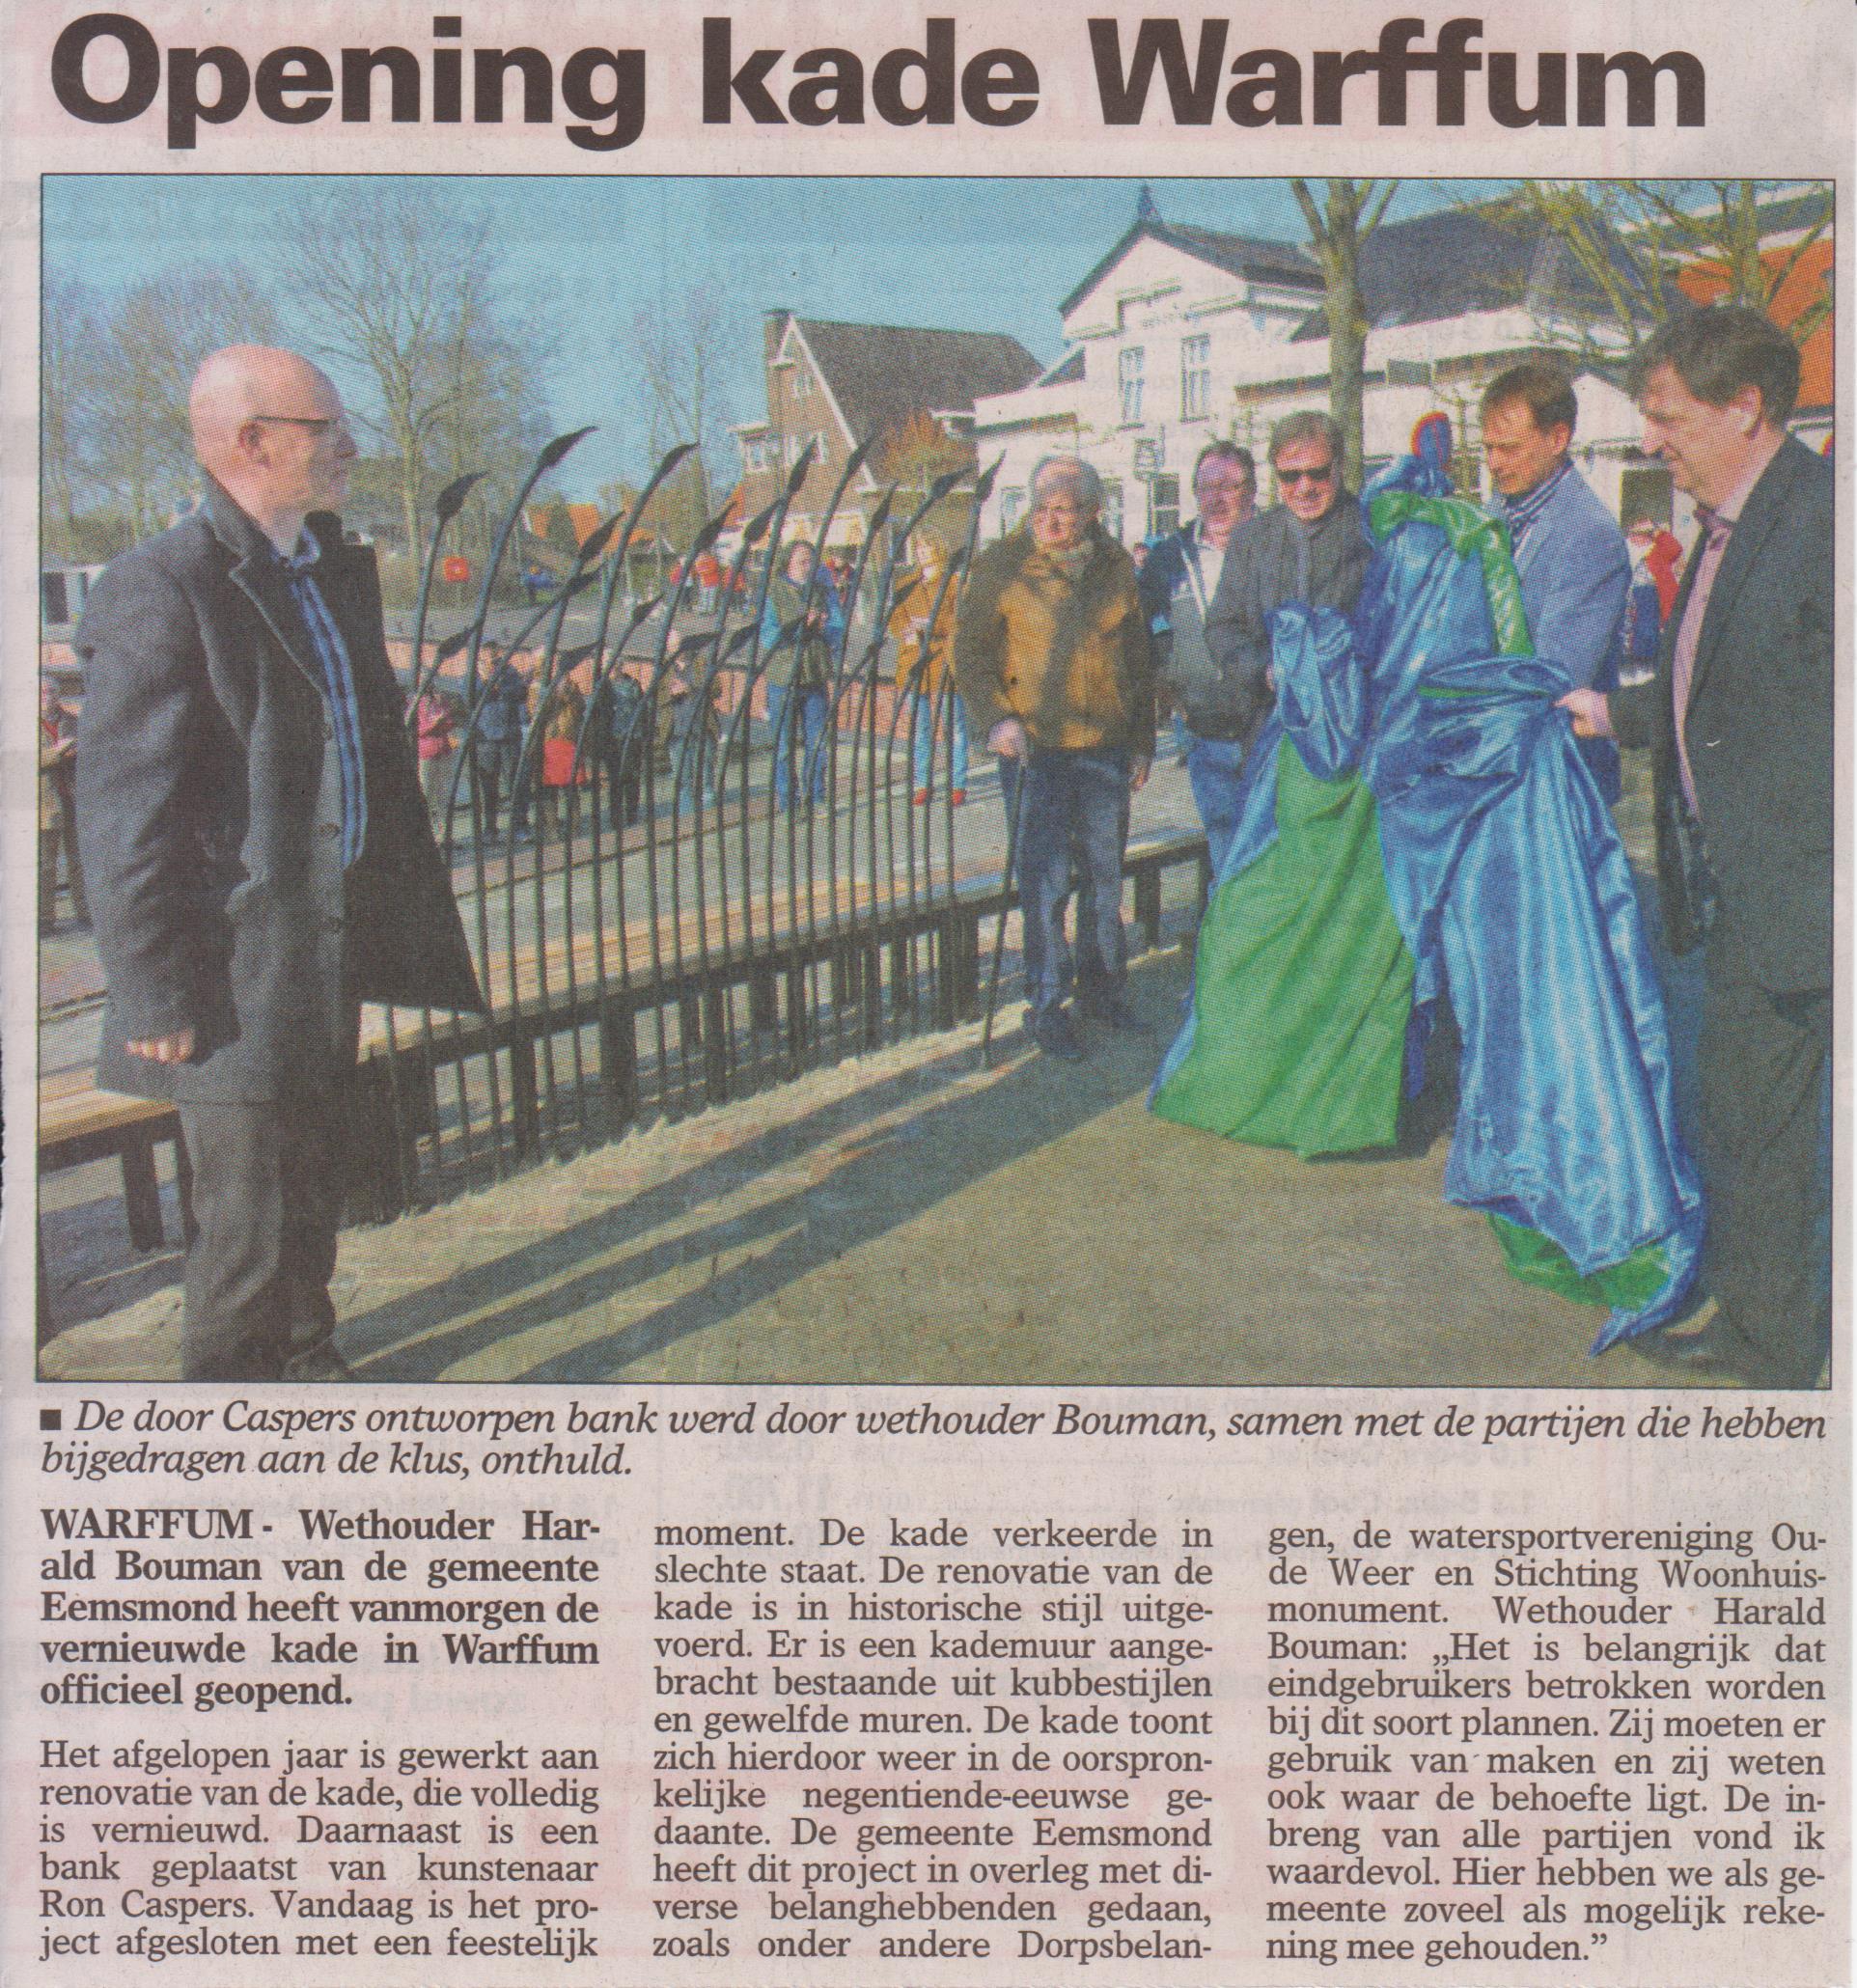 Opening kade Warffum, artikel in de Ommelander Courant van 13-3-2014